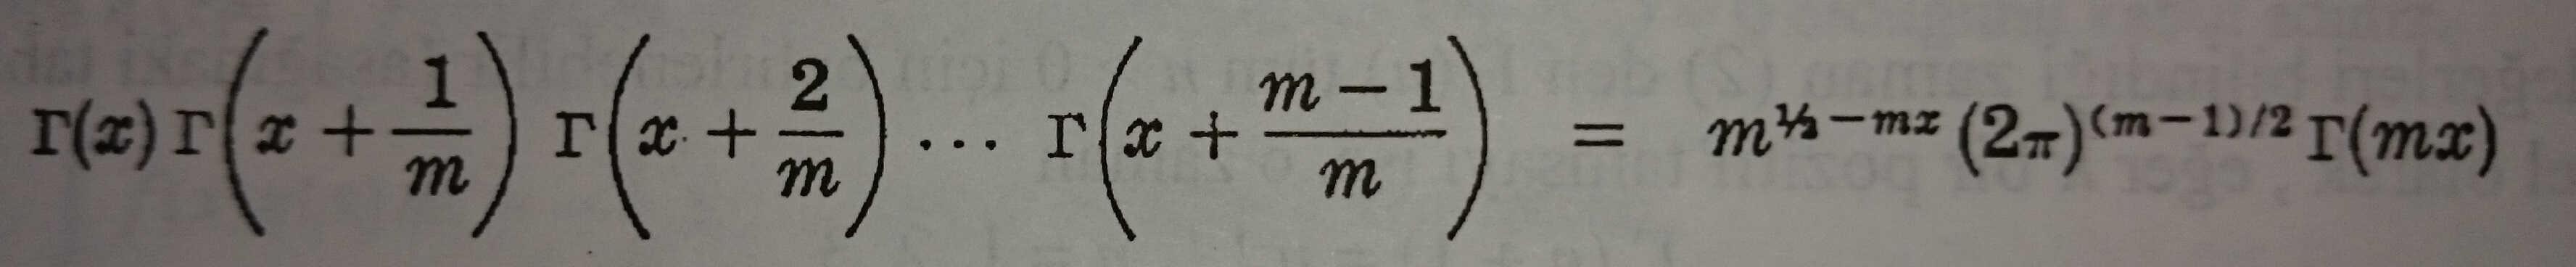 çoğaltma formülü